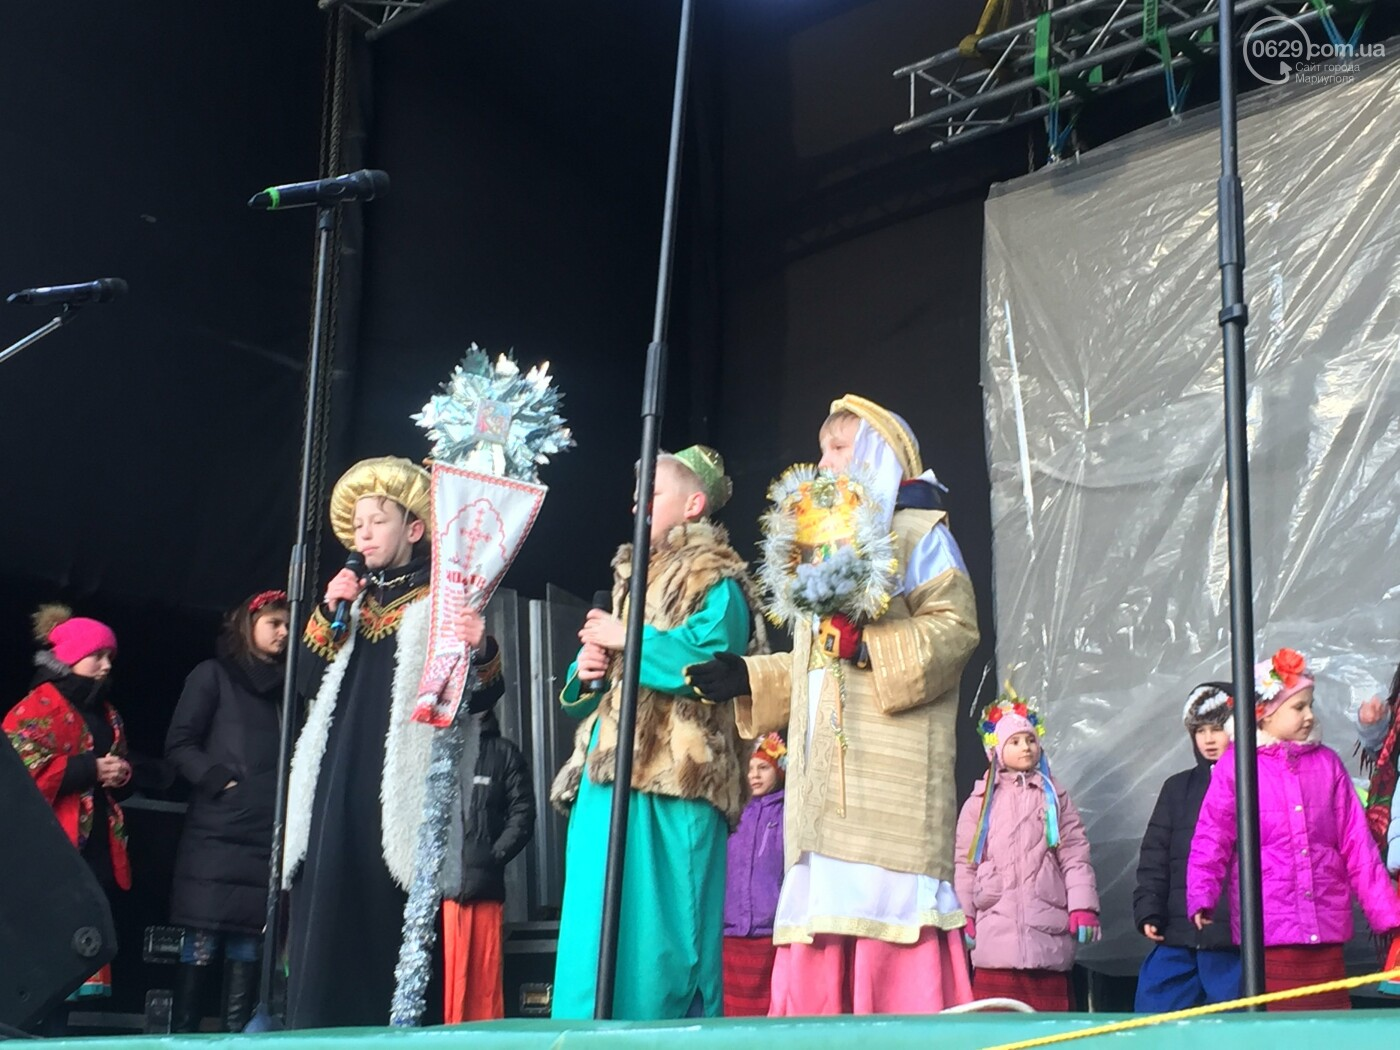 В Мариуполе прошёл первый фестиваль колядок, фото-2